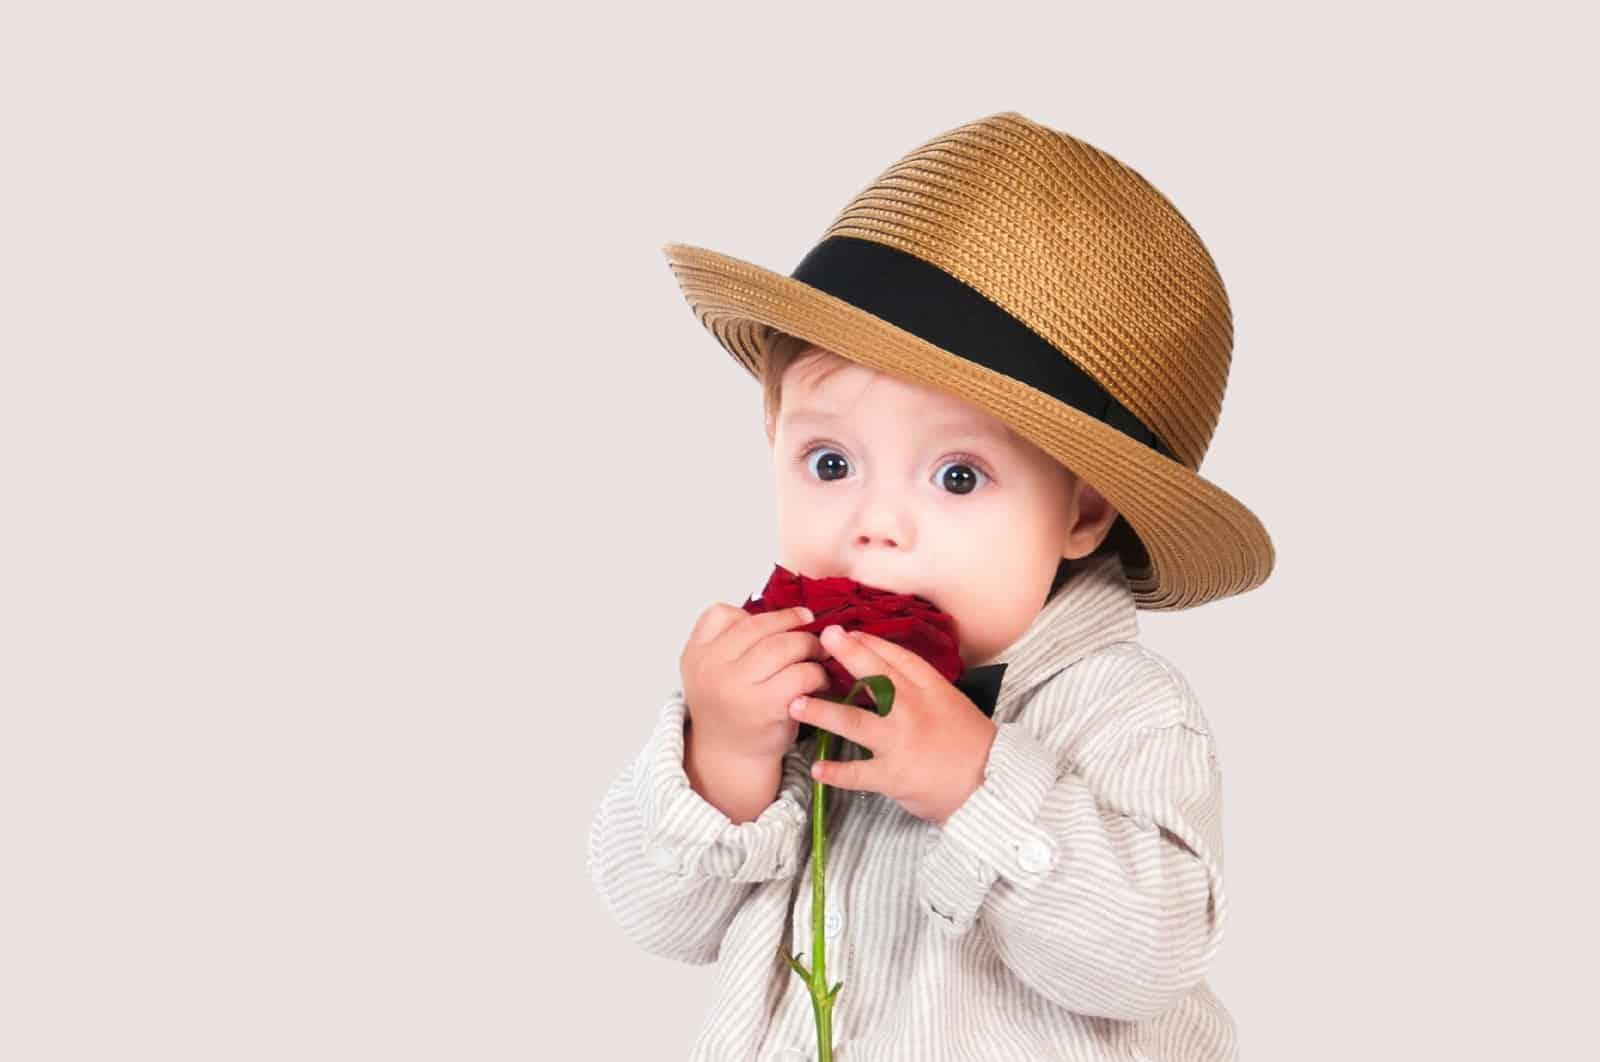 southern boy wearing hat